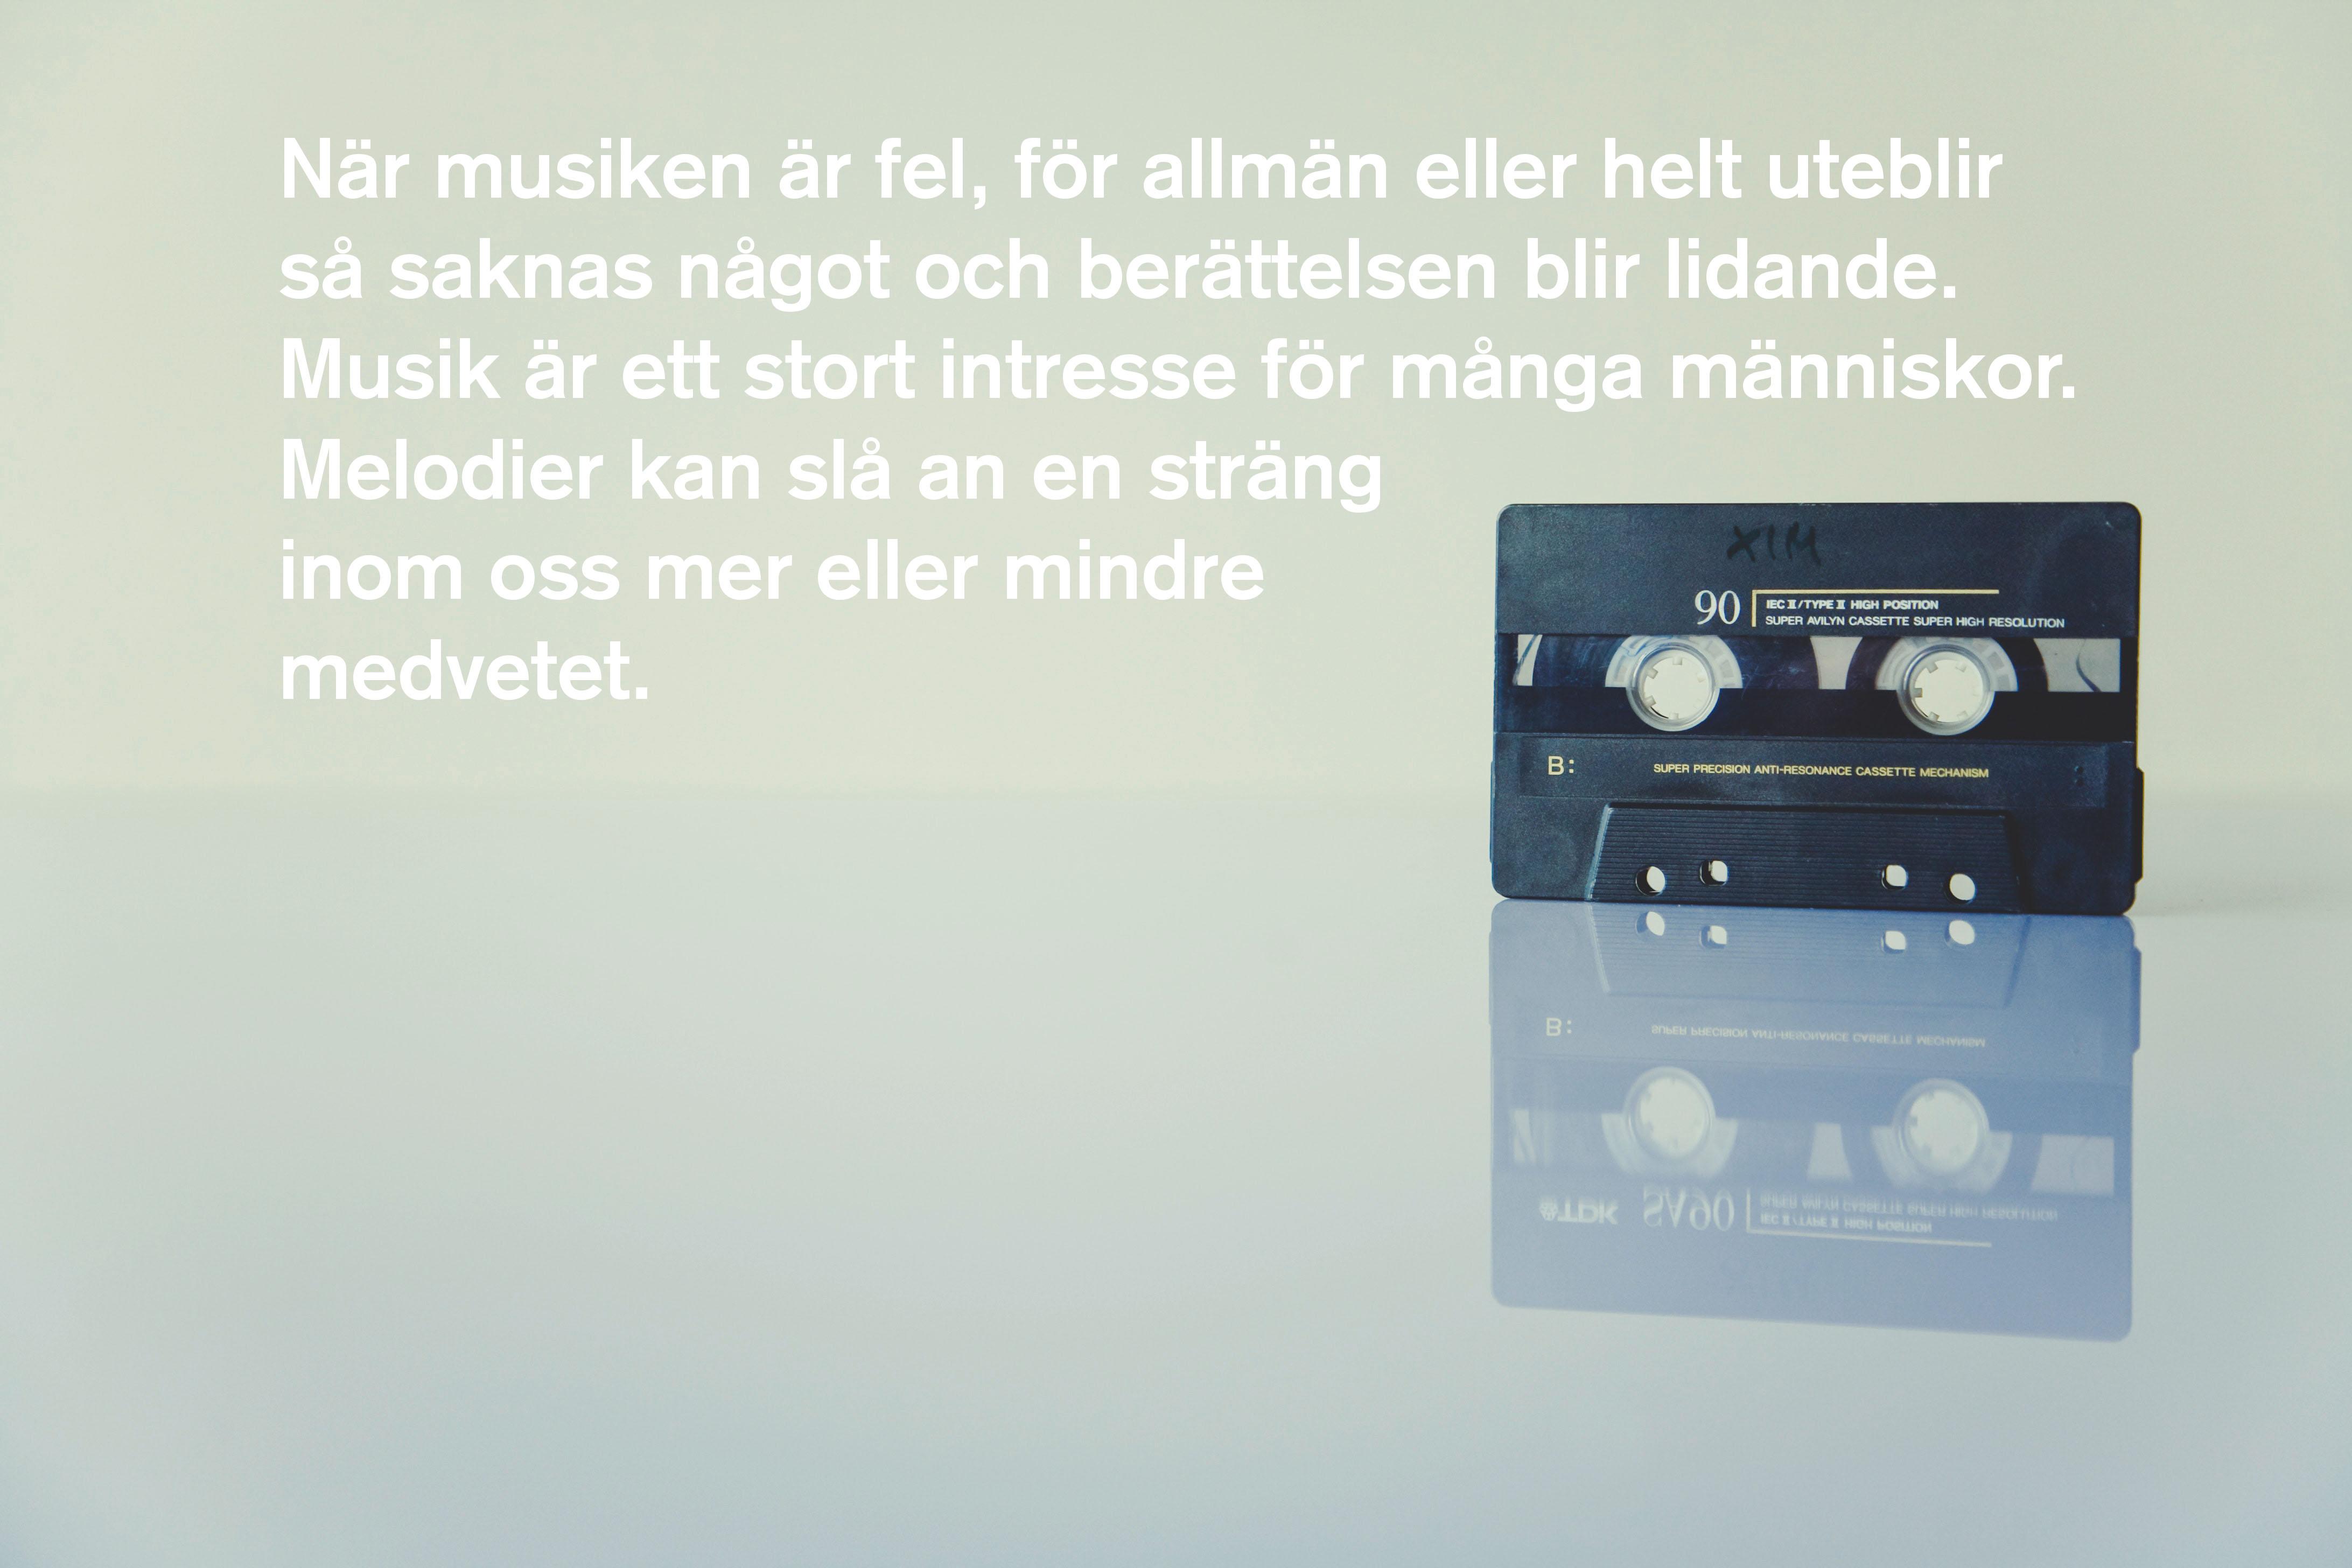 """bild på kassettband med texten """"När musiken är fel, för allmän eller helt uteblir så saknas något och berättelsen blir lidande. Musik är ett stort intresse för många människor. Melodier kan slå an en sträng inom oss mer eller mindre medvetet. """""""